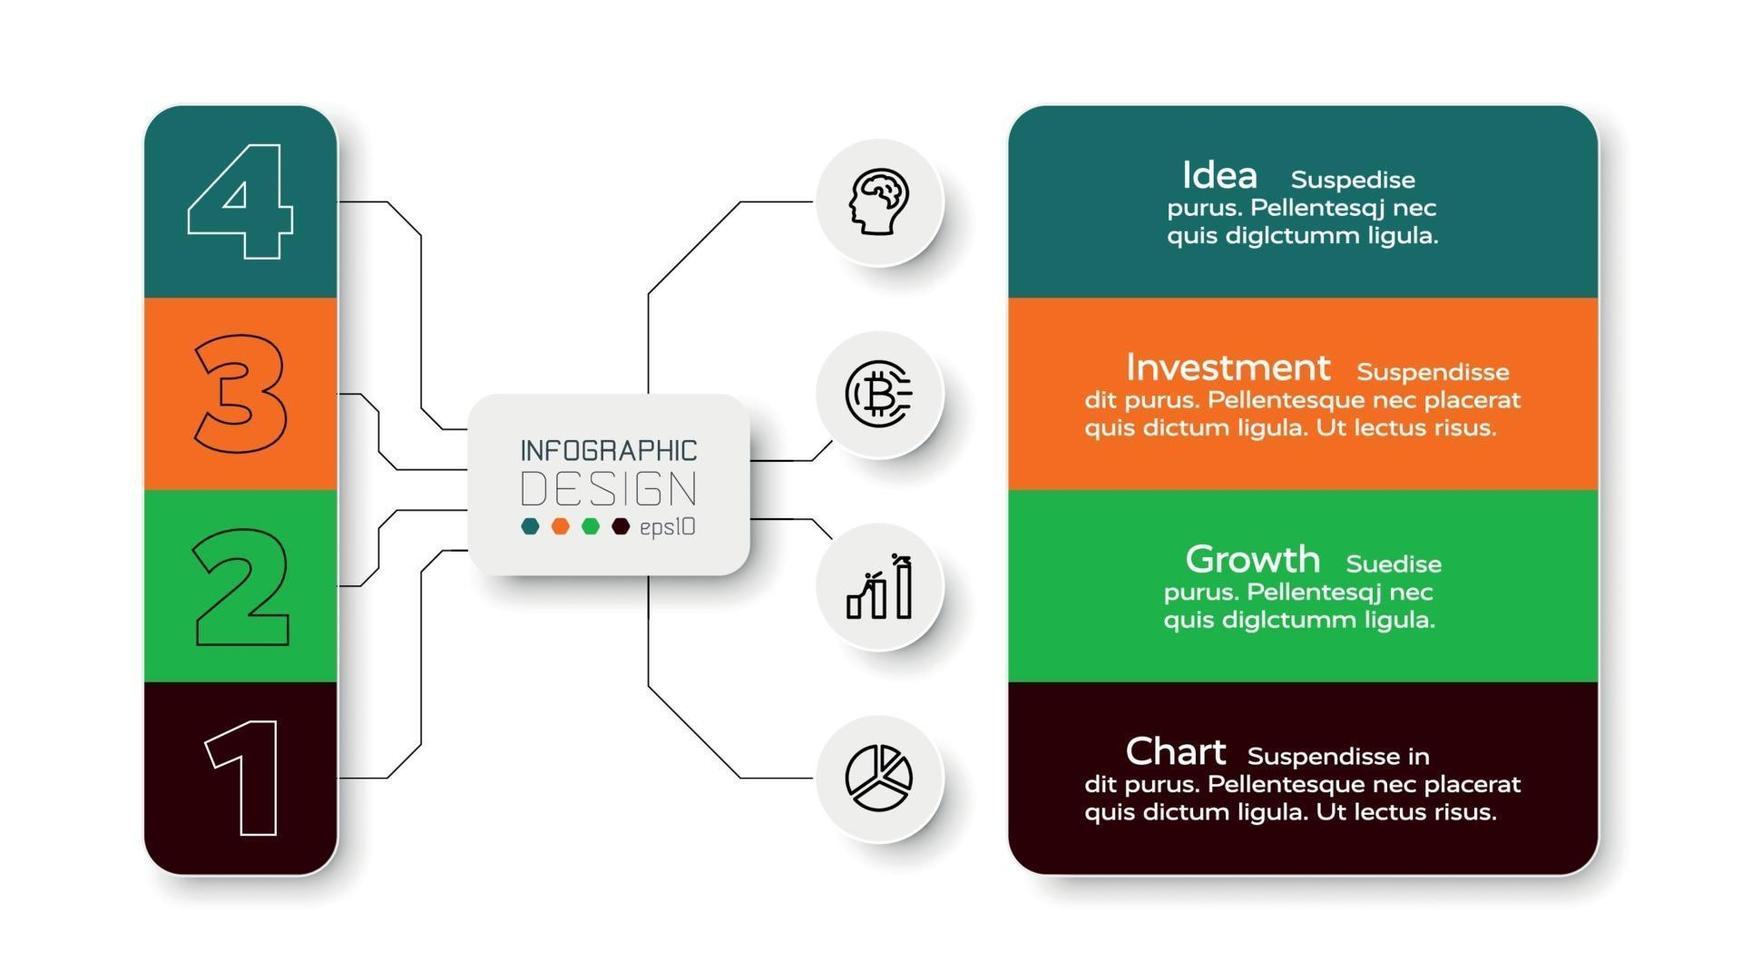 Die 4 Arbeitsschritte in Diagrammform werden zur Zuordnung von Arbeitsaufgaben und zur Planung verwendet. Infografik Design. vektor